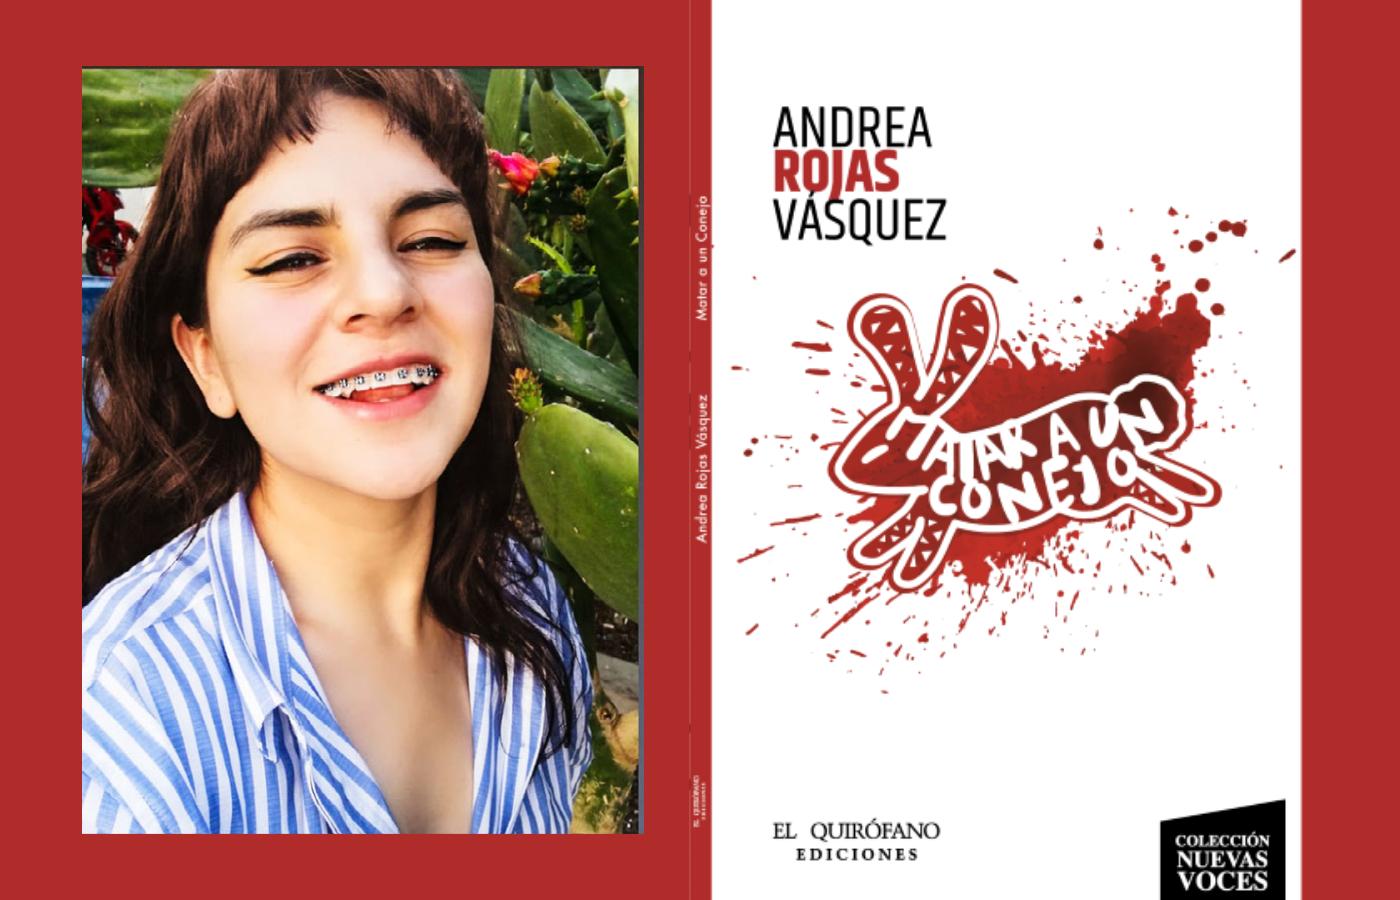 Andrea Rojas Vasquez